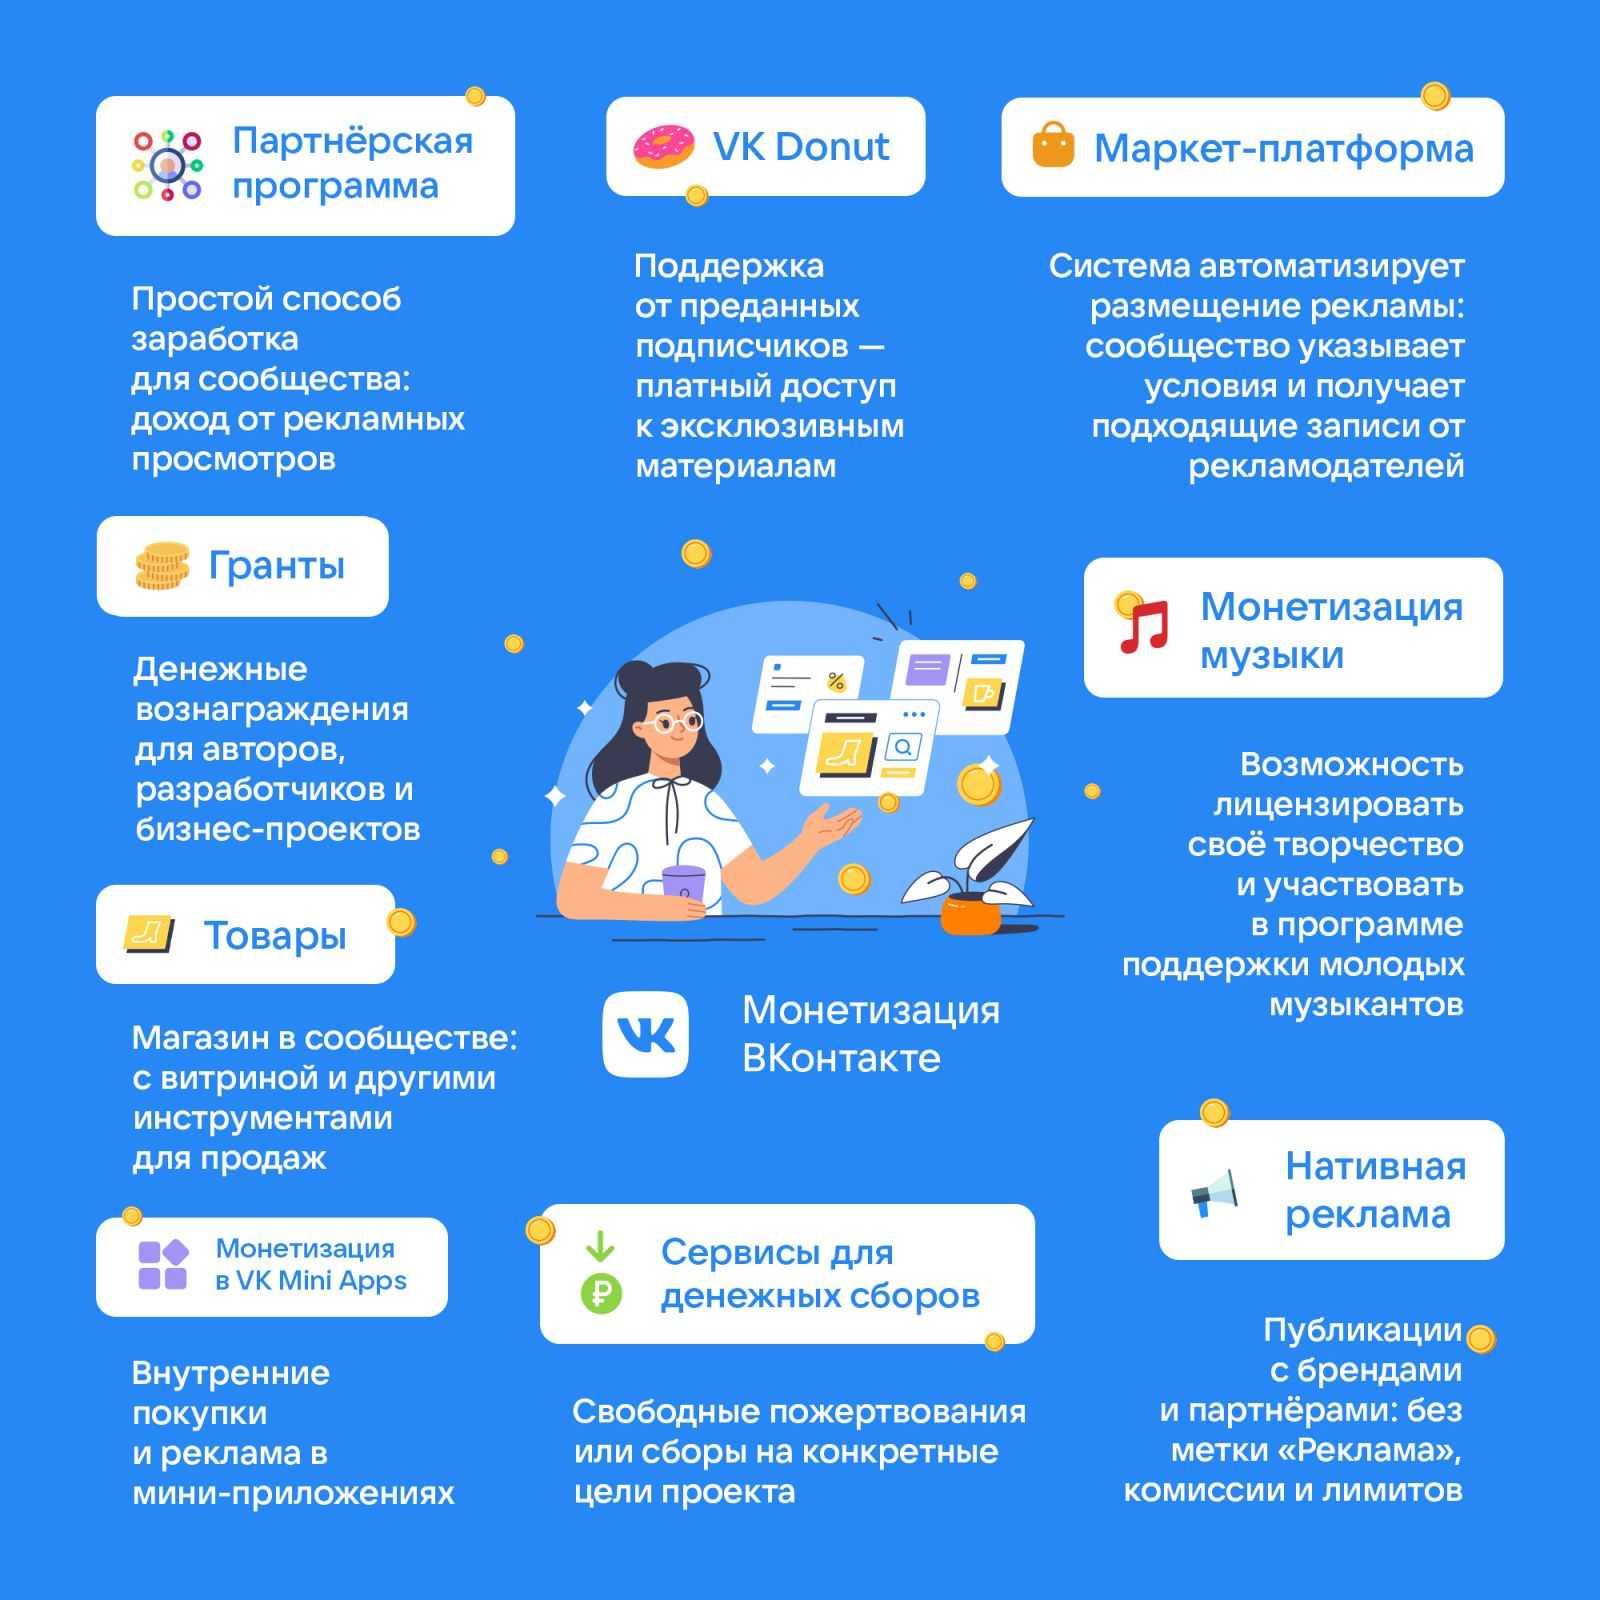 ВКонтакте представляет единую платформу монетизации (VK Monetization)